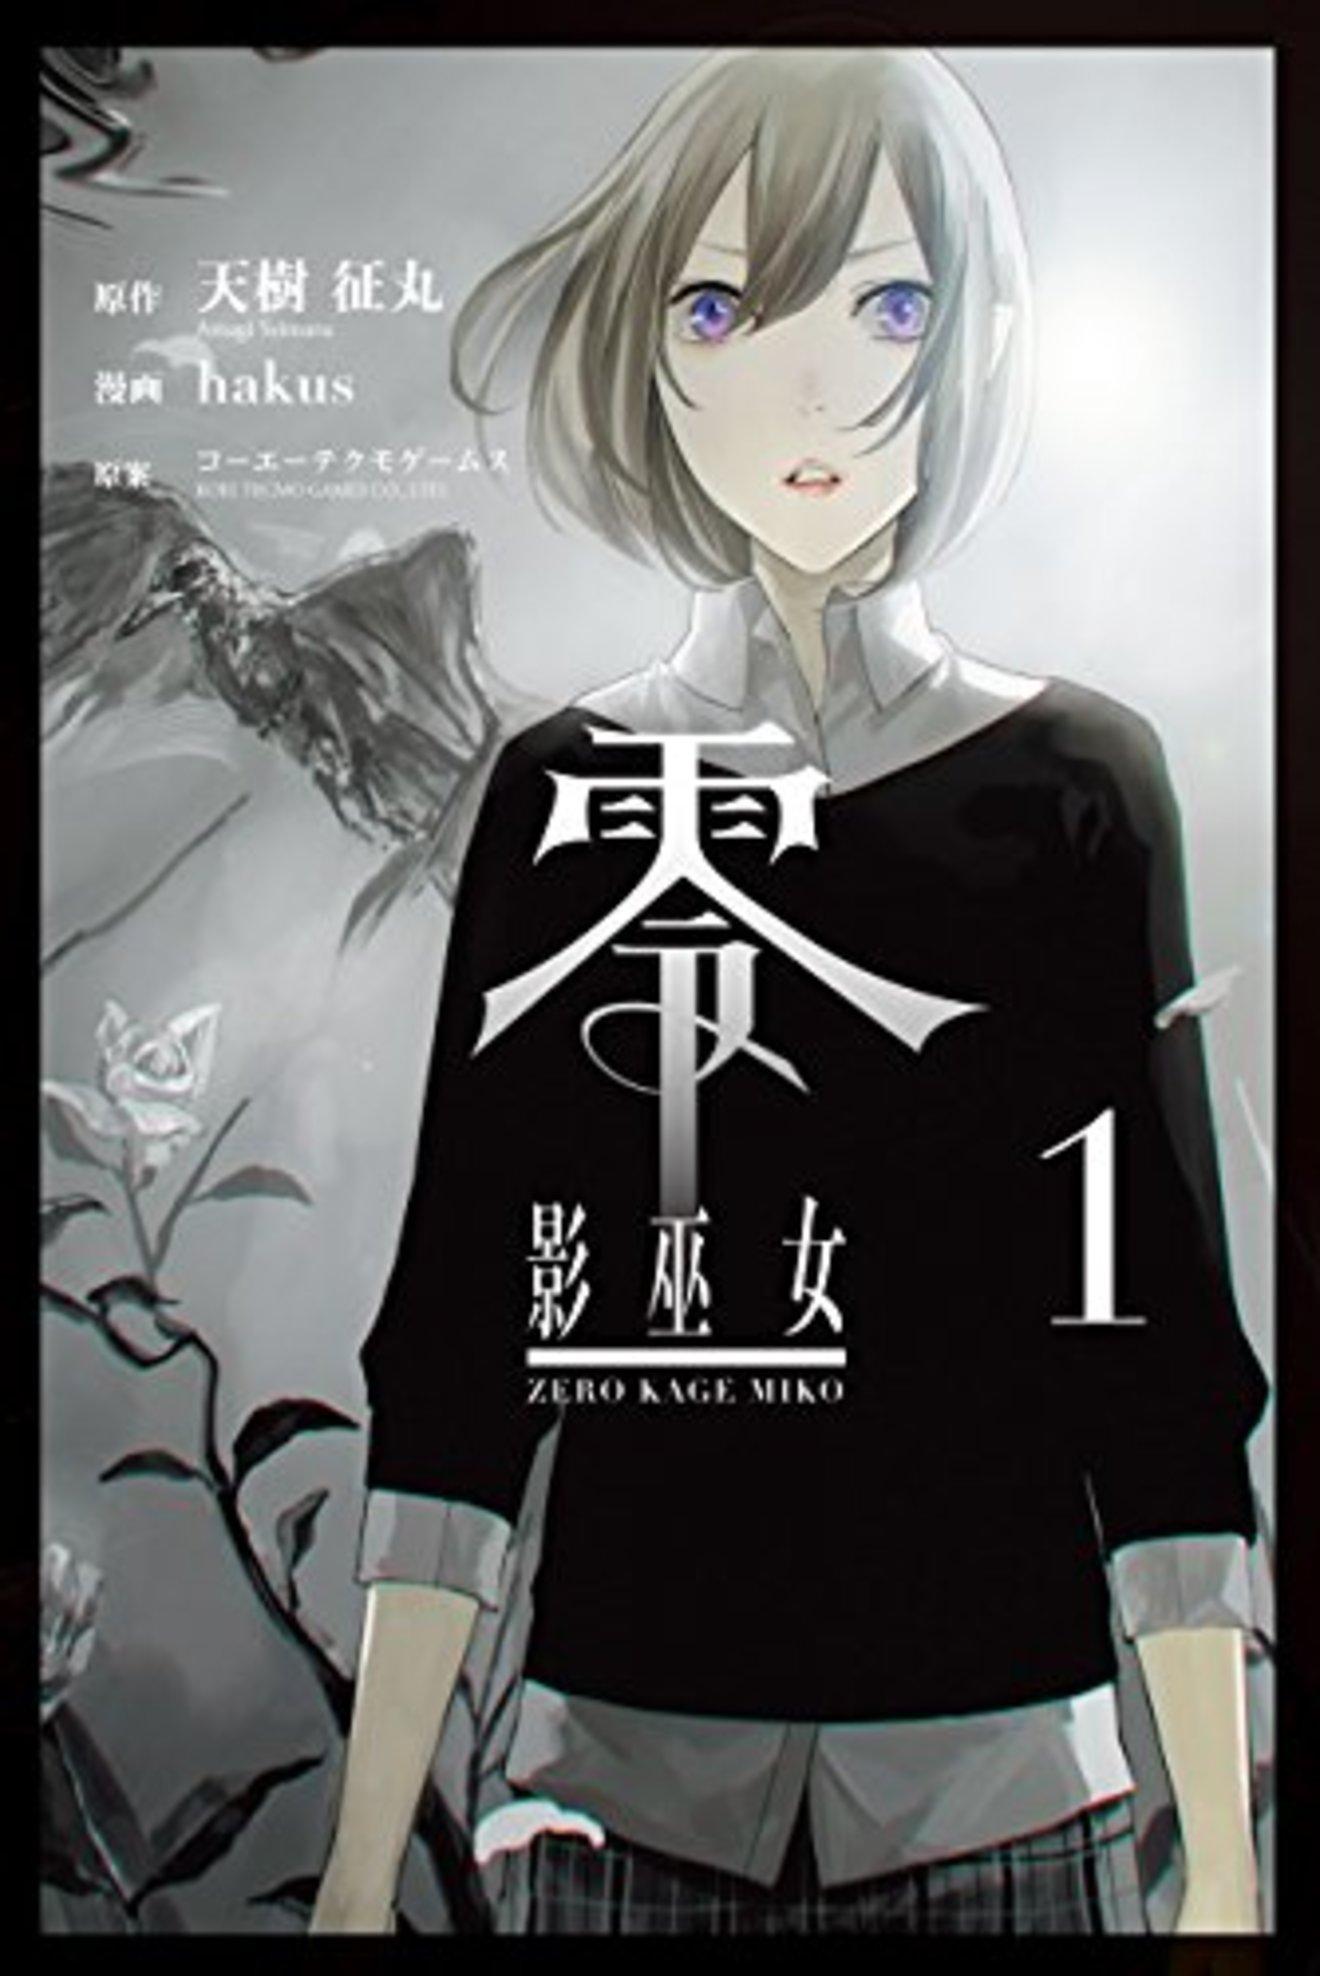 『零 影巫女』を最終回までネタバレ紹介!邪霊師が怖すぎなホラー漫画!